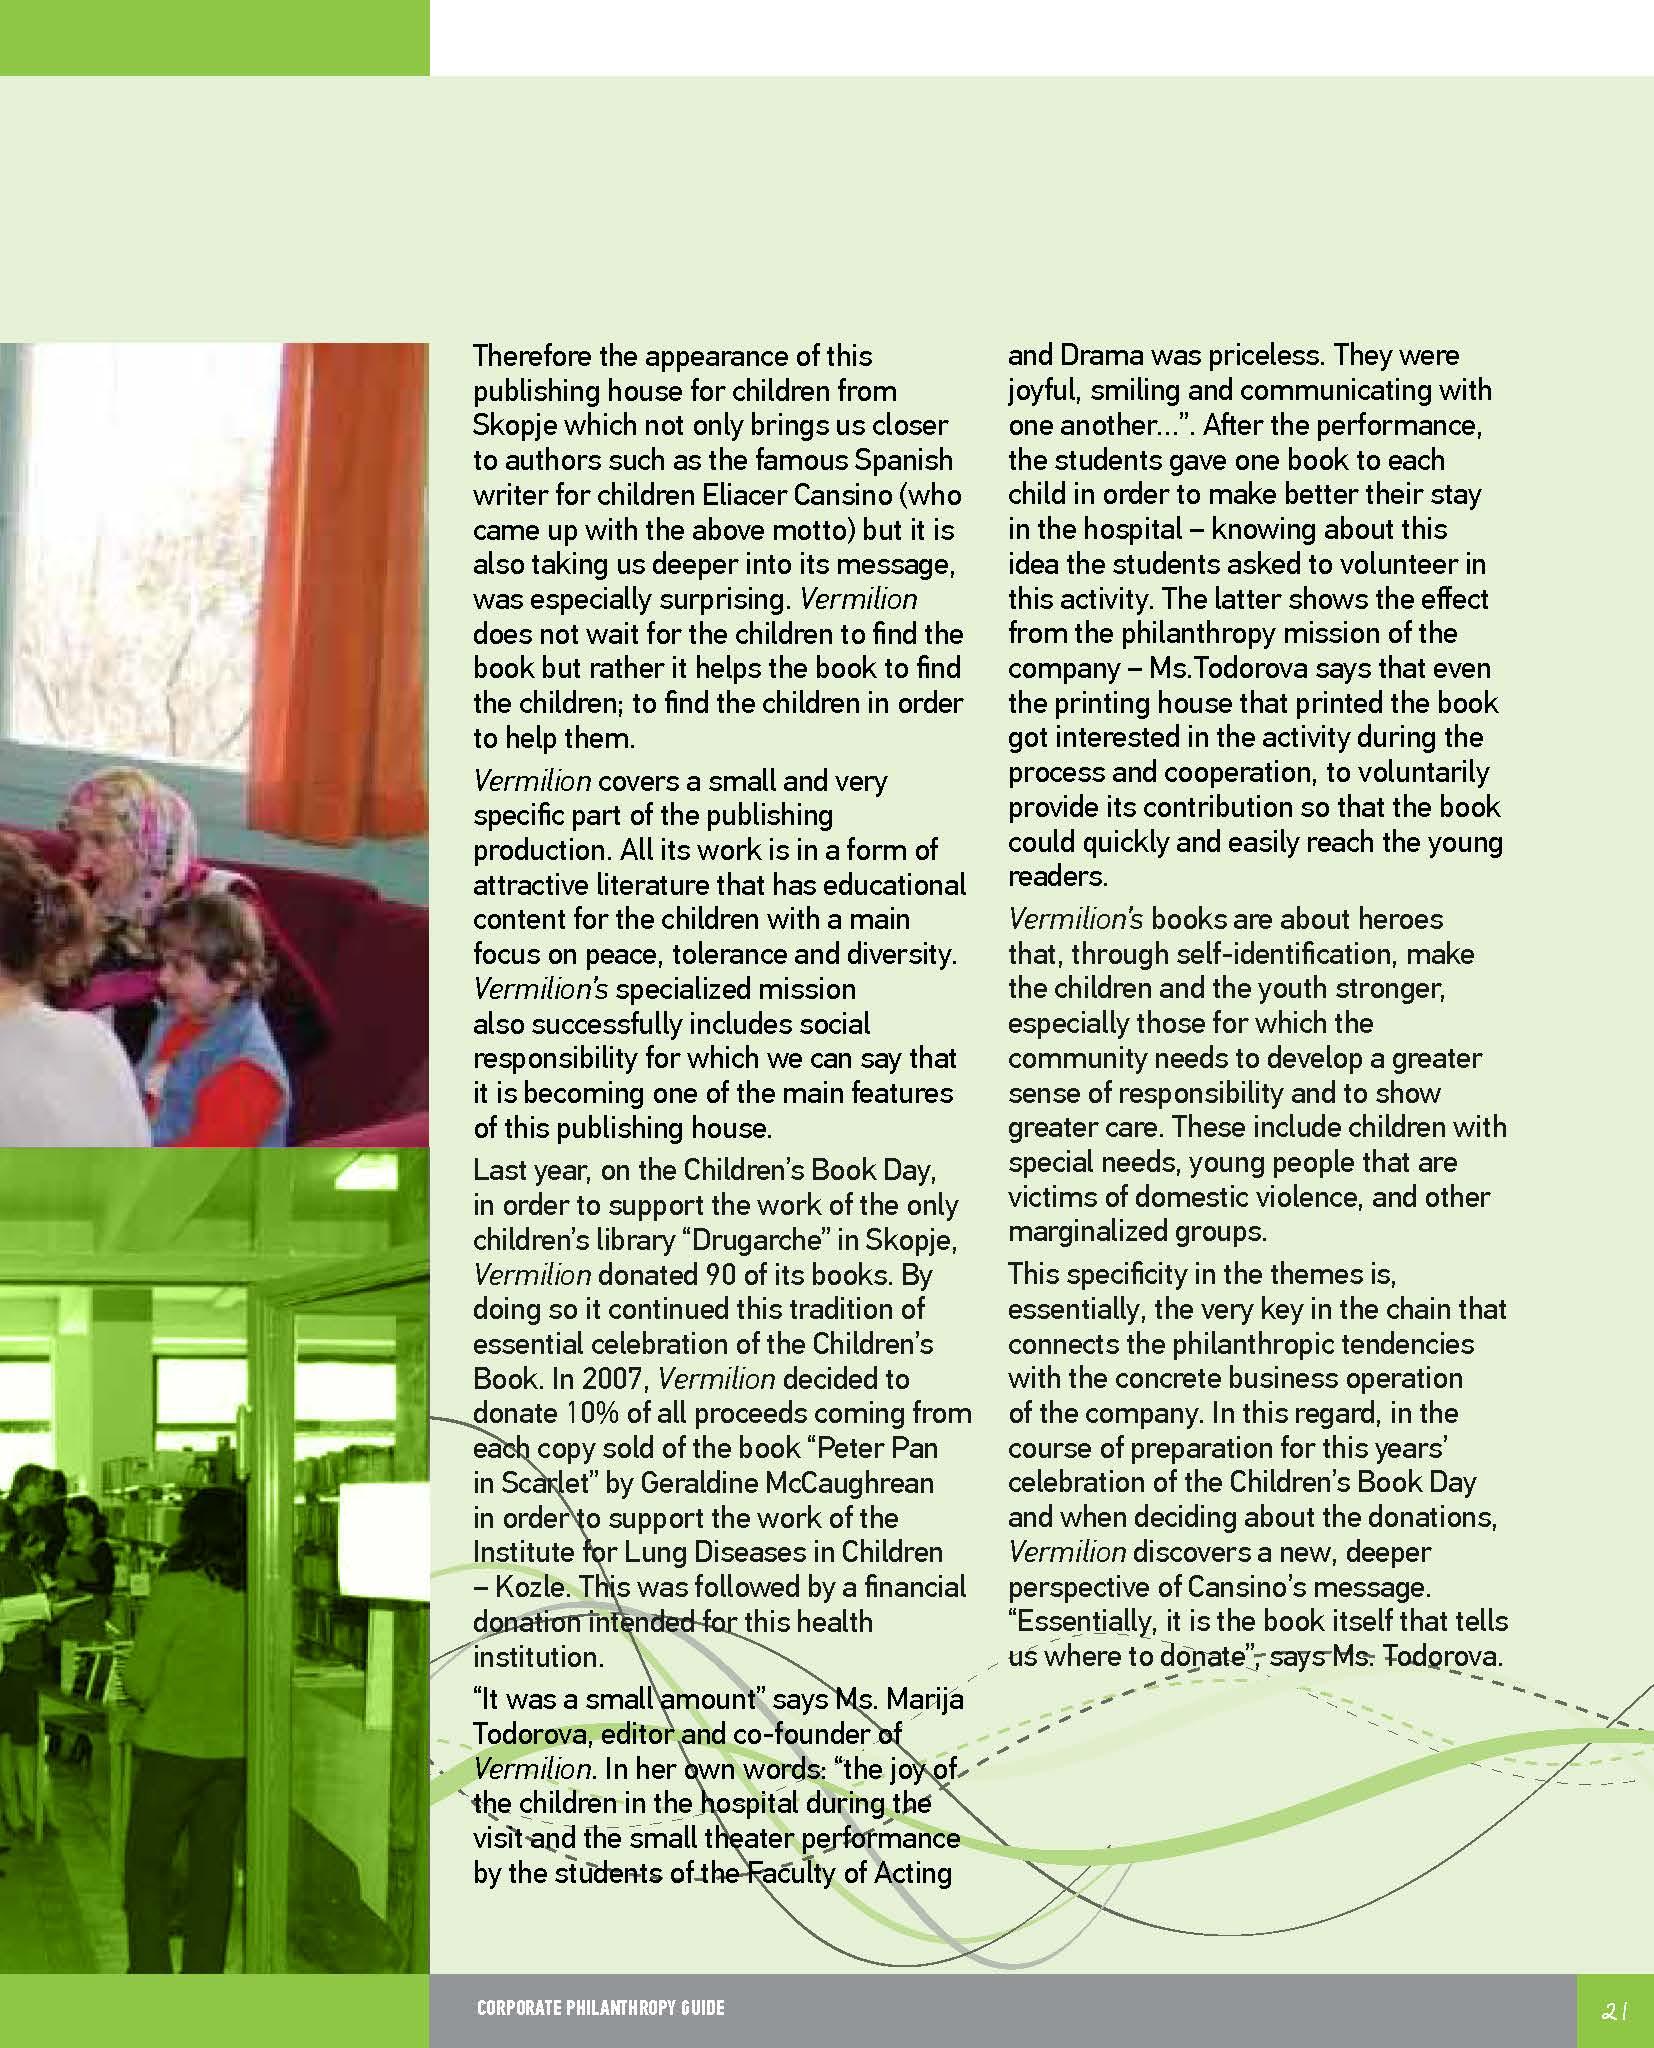 Konekt_publikacija_en_Seite_23.jpg